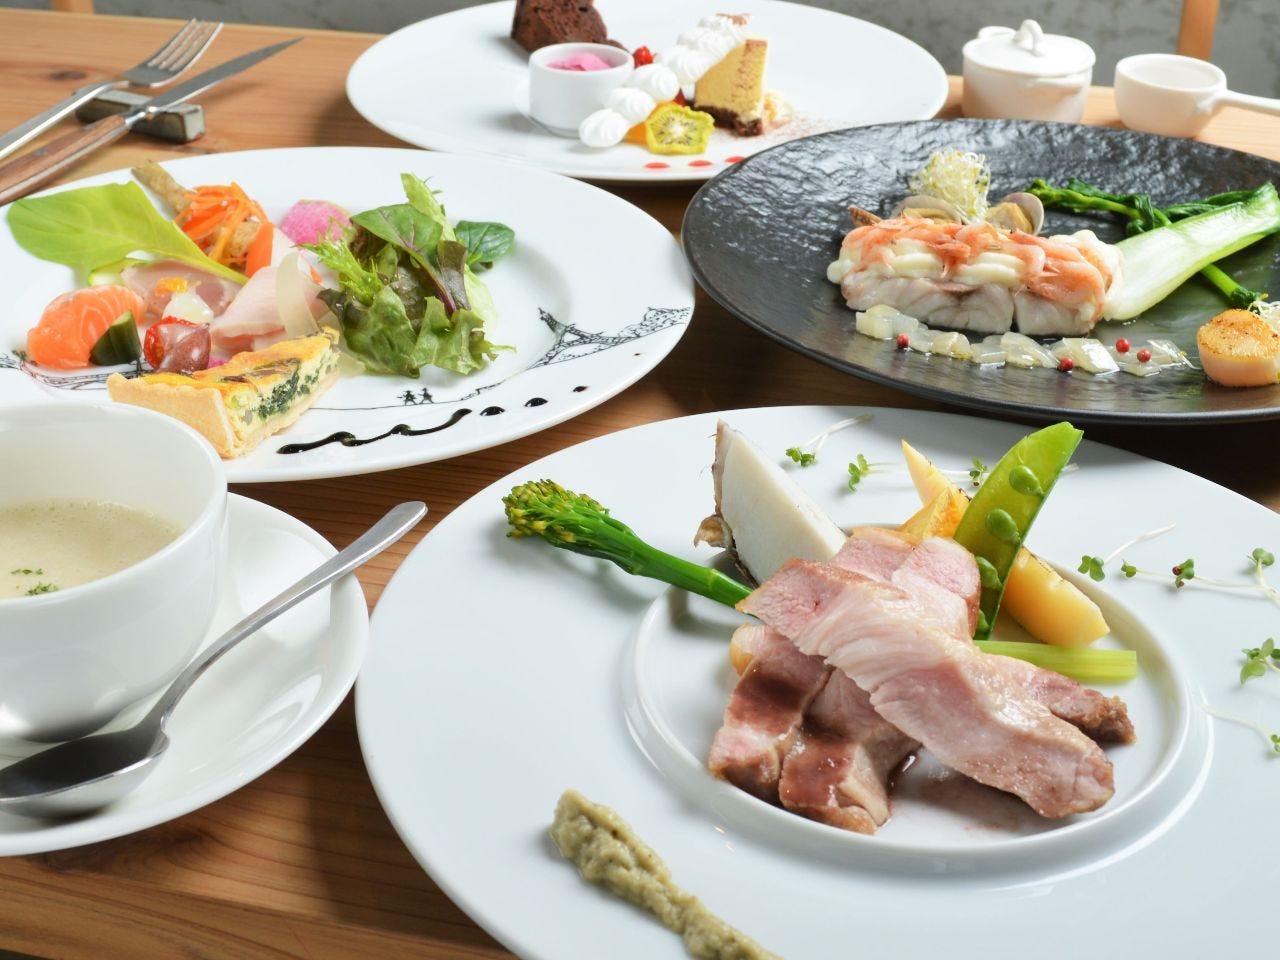 当日でも予約可能なディナーコース。シェフこだわりの料理です